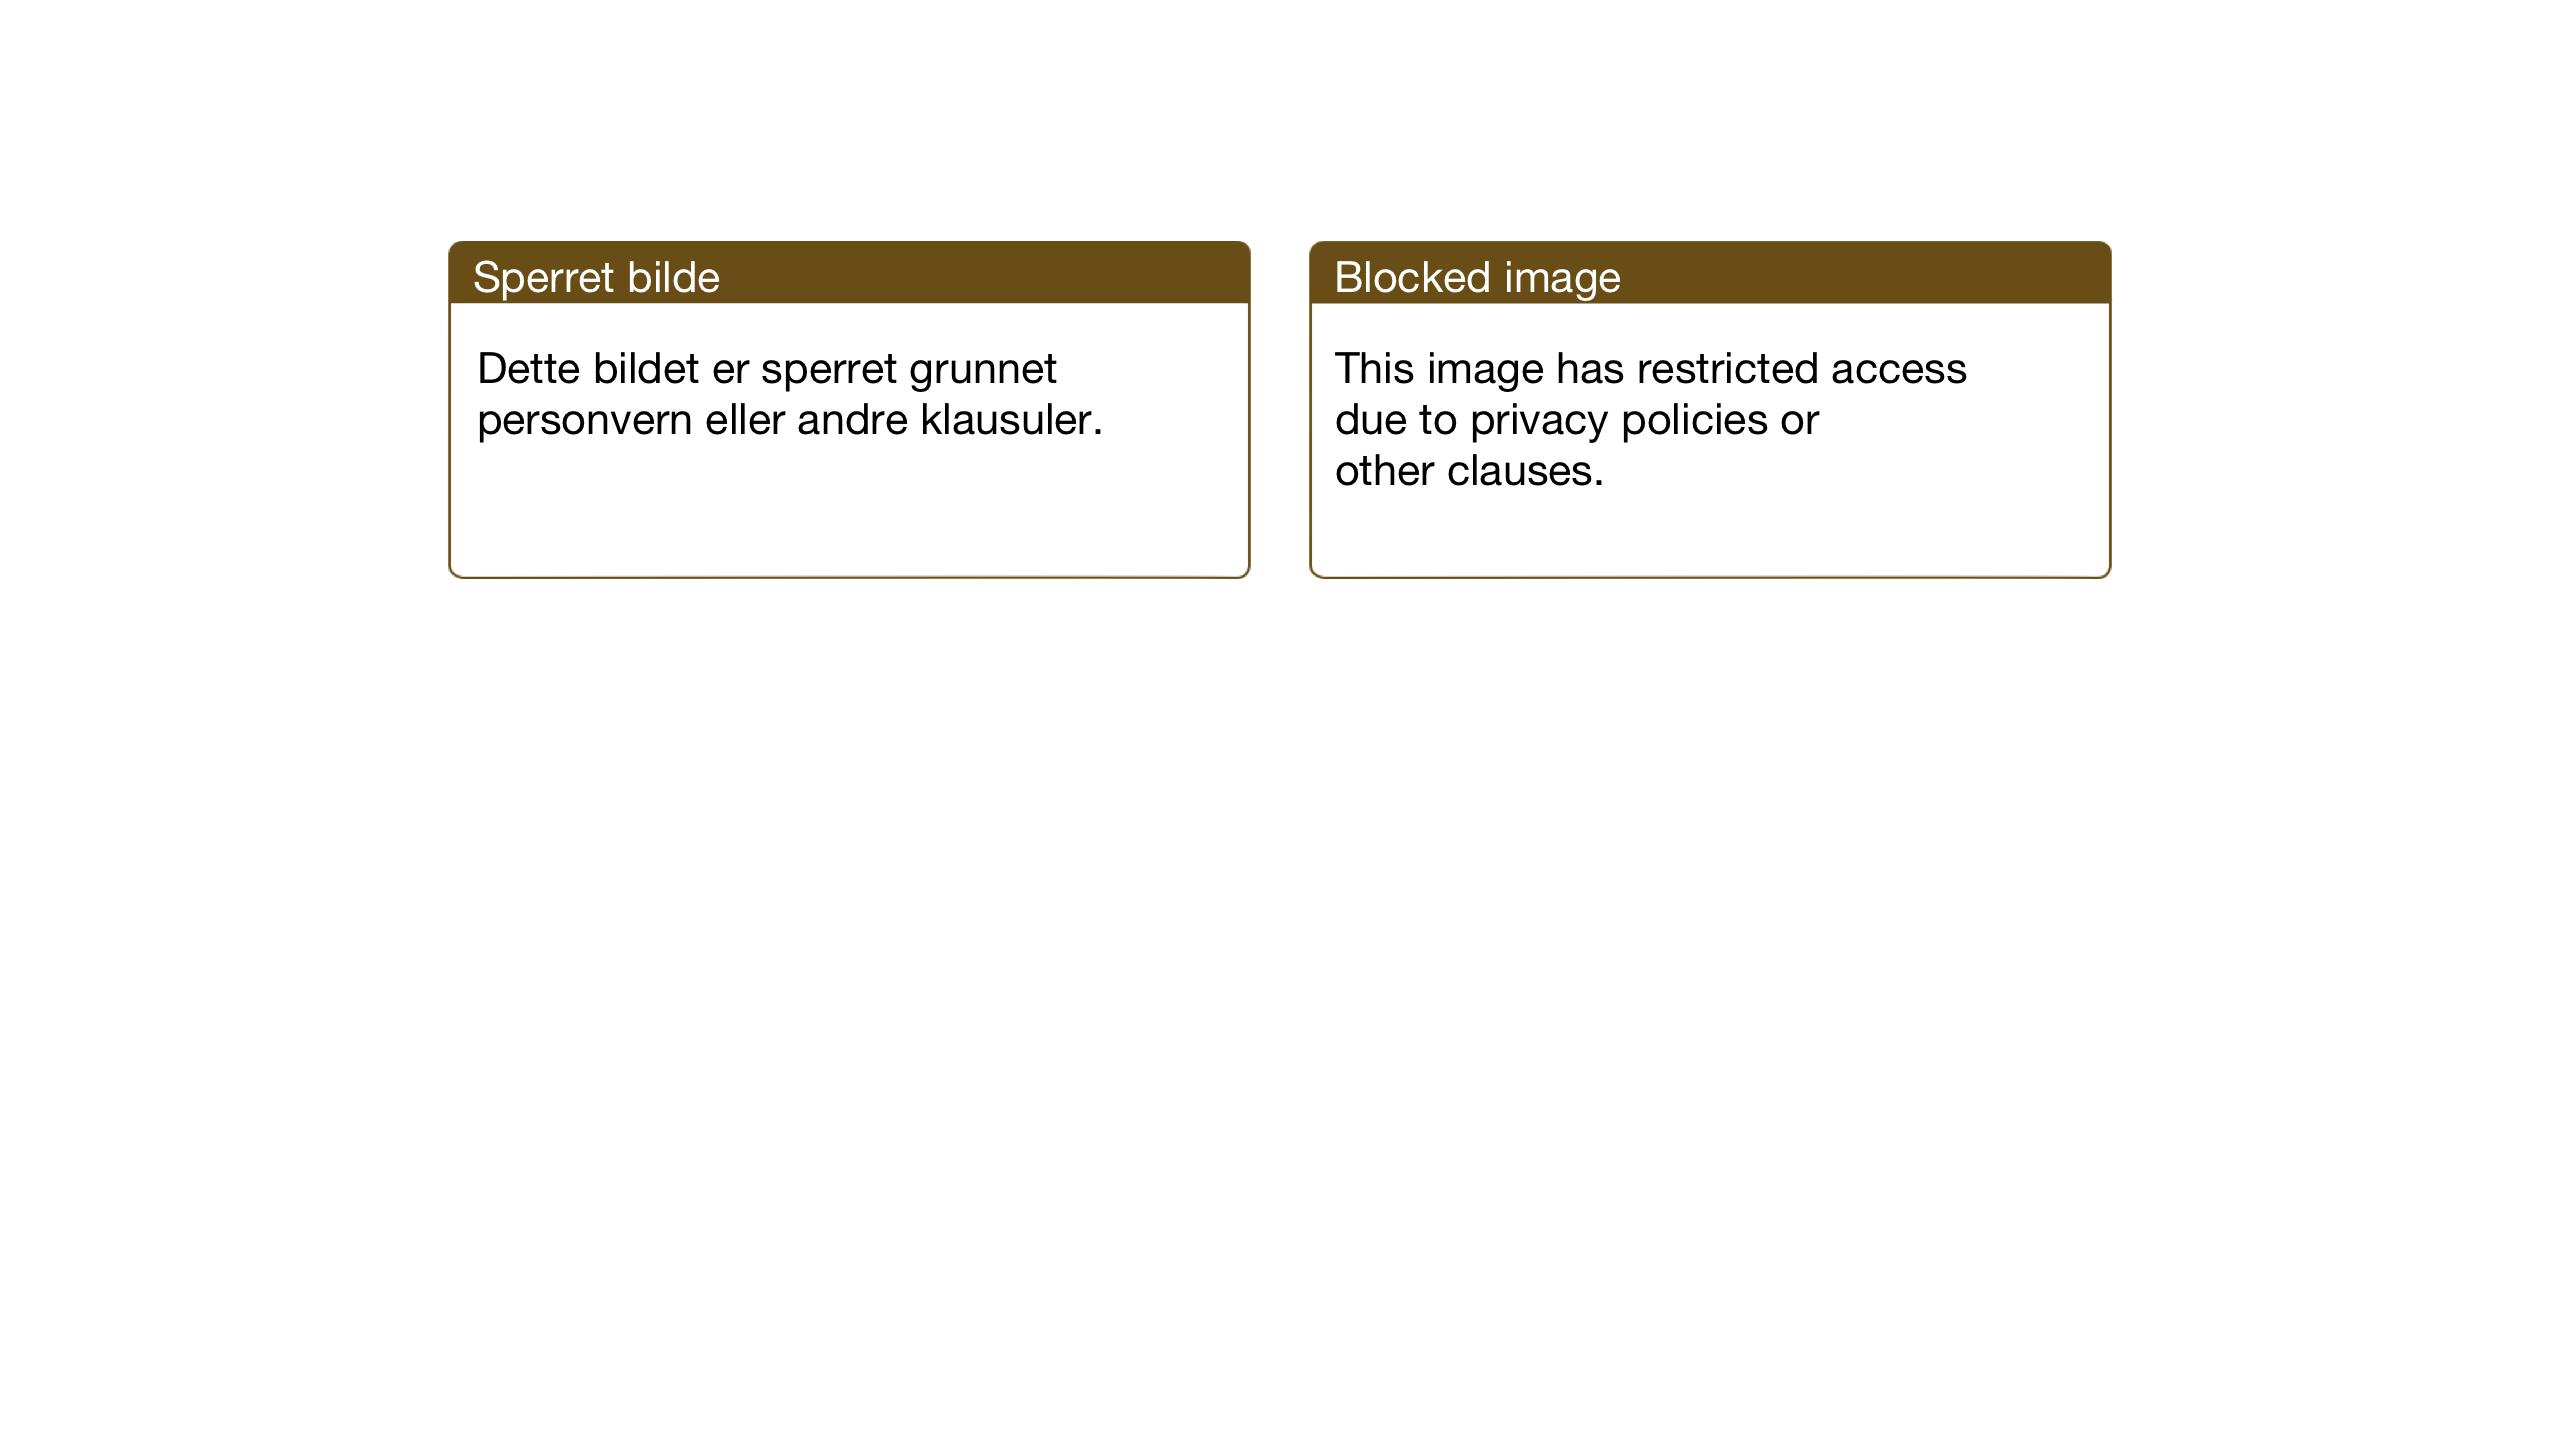 SAT, Ministerialprotokoller, klokkerbøker og fødselsregistre - Sør-Trøndelag, 630/L0508: Klokkerbok nr. 630C06, 1933-1950, s. 149